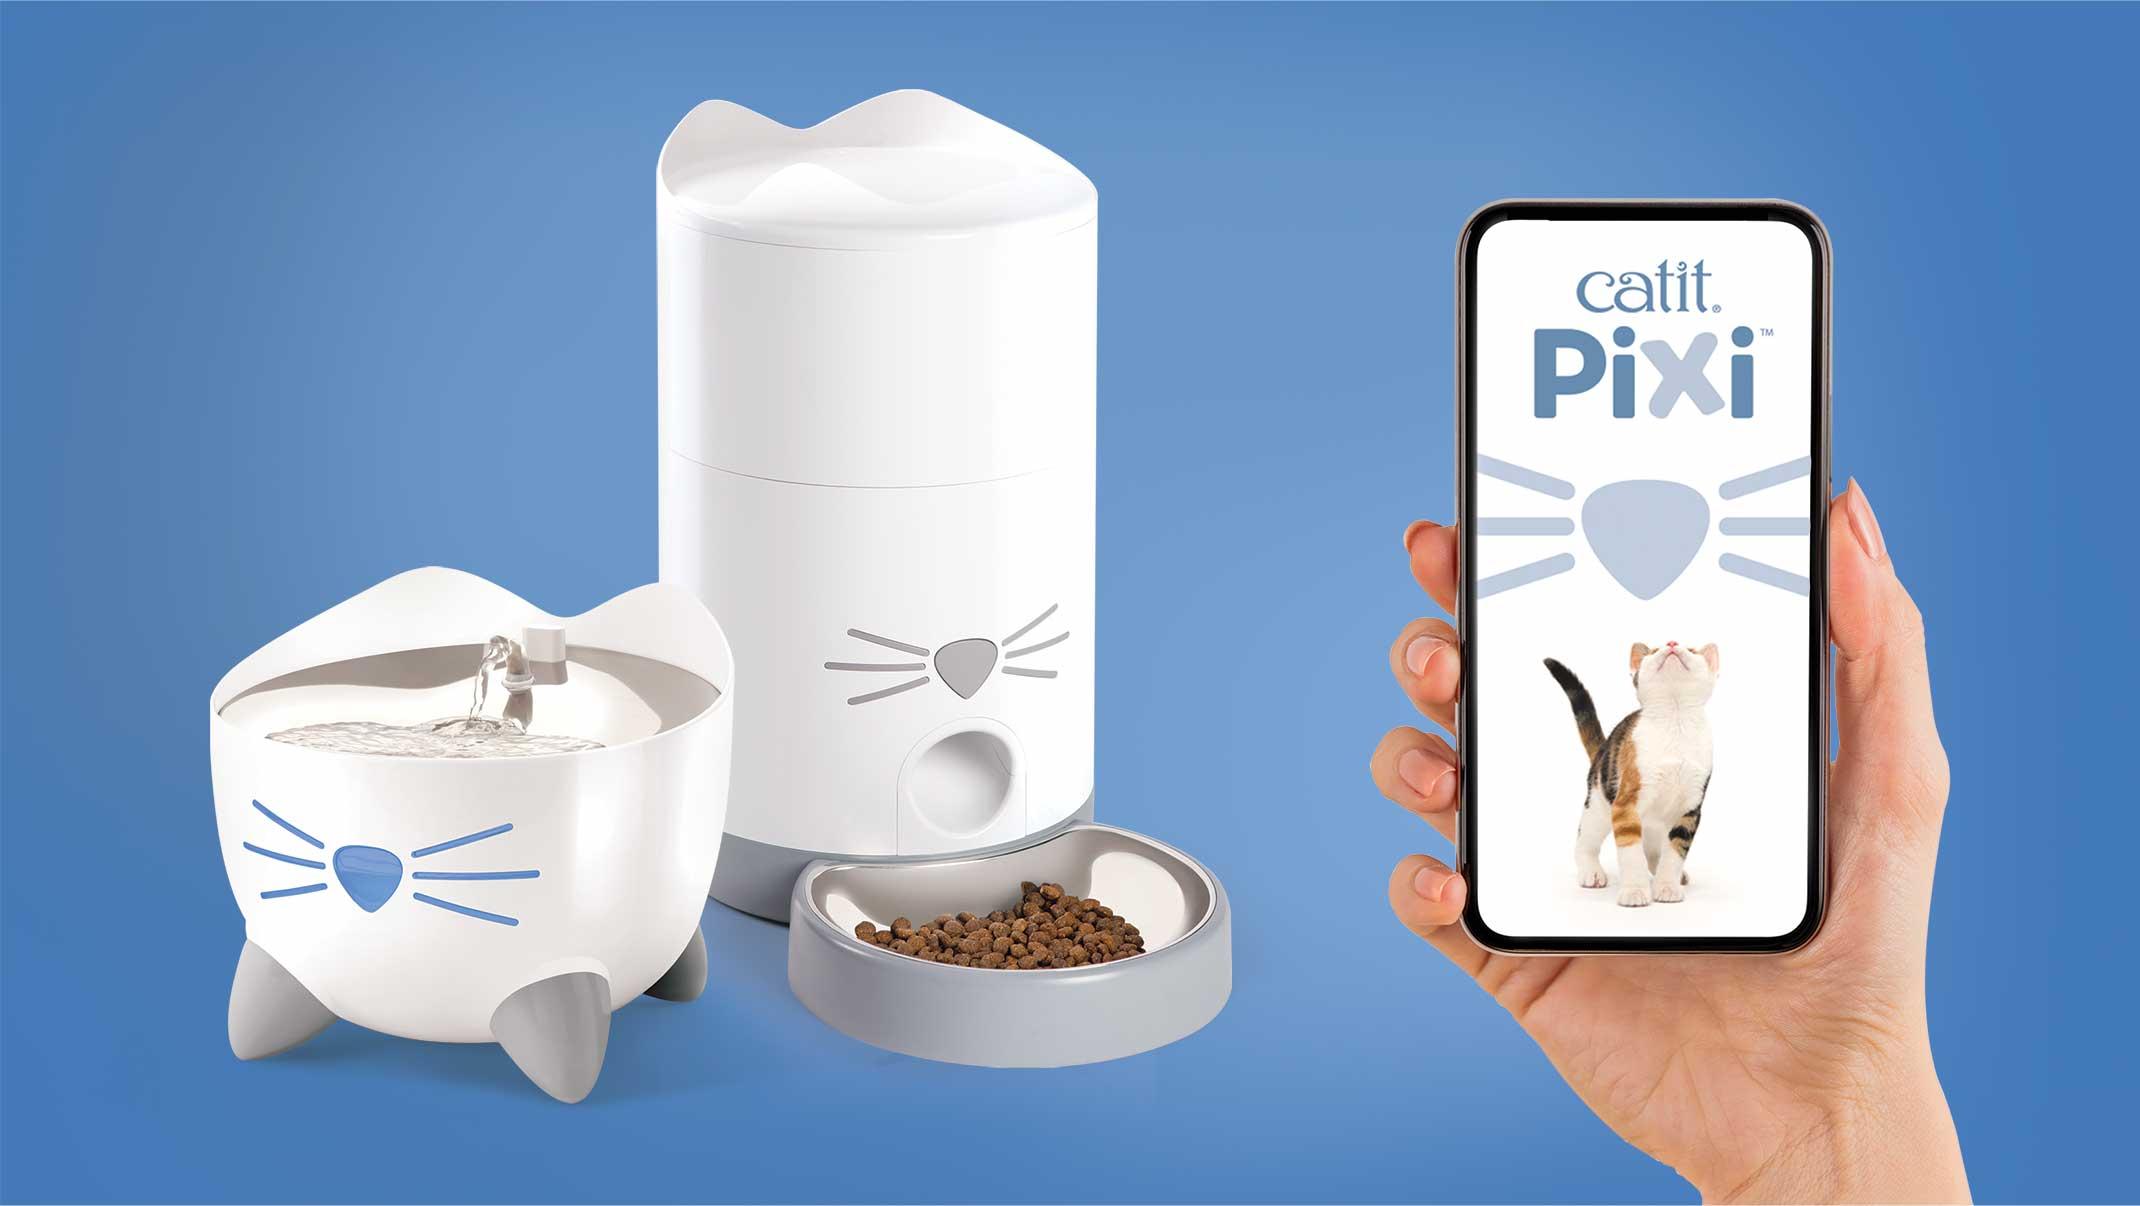 Catit PIXI App & Wi-Fi Quick Start Guide